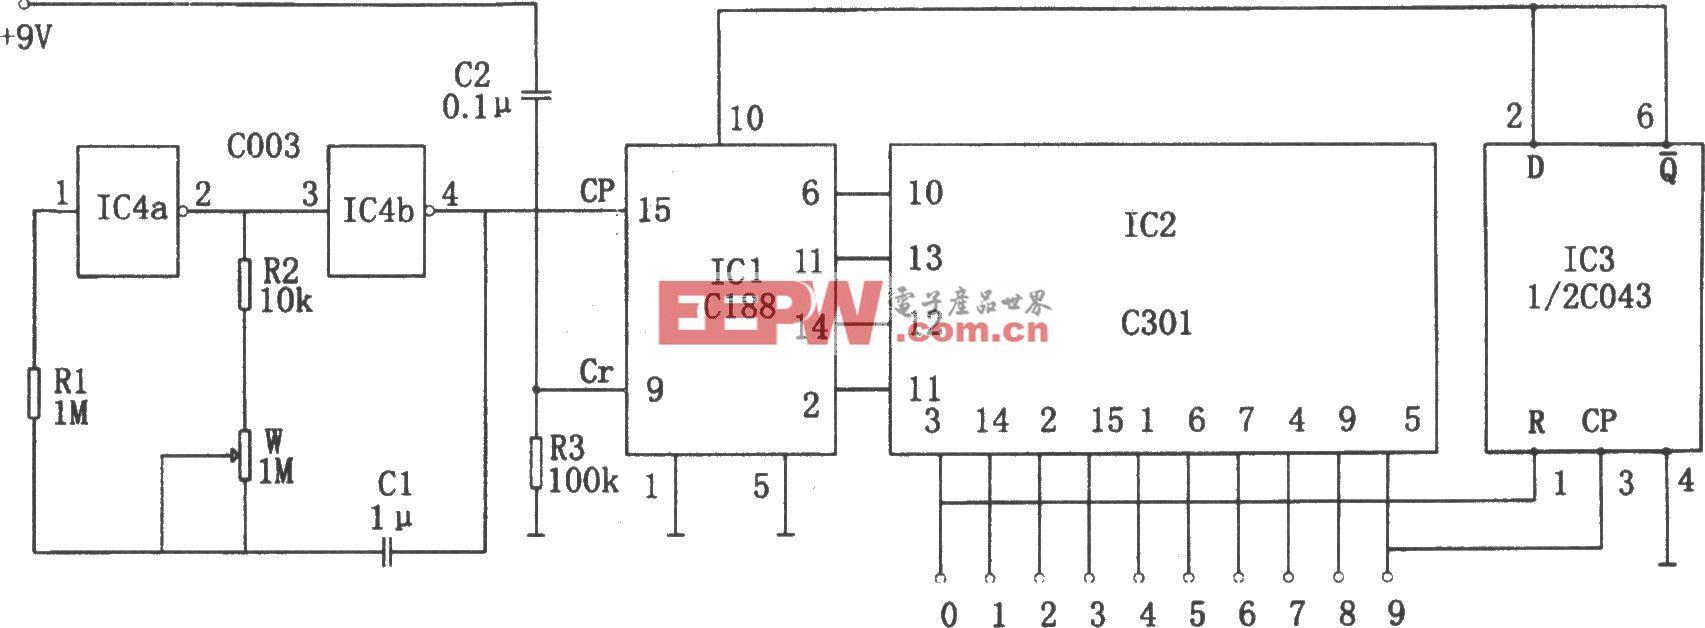 可逆式流水彩灯控制器(C043、C301、C188、C003)